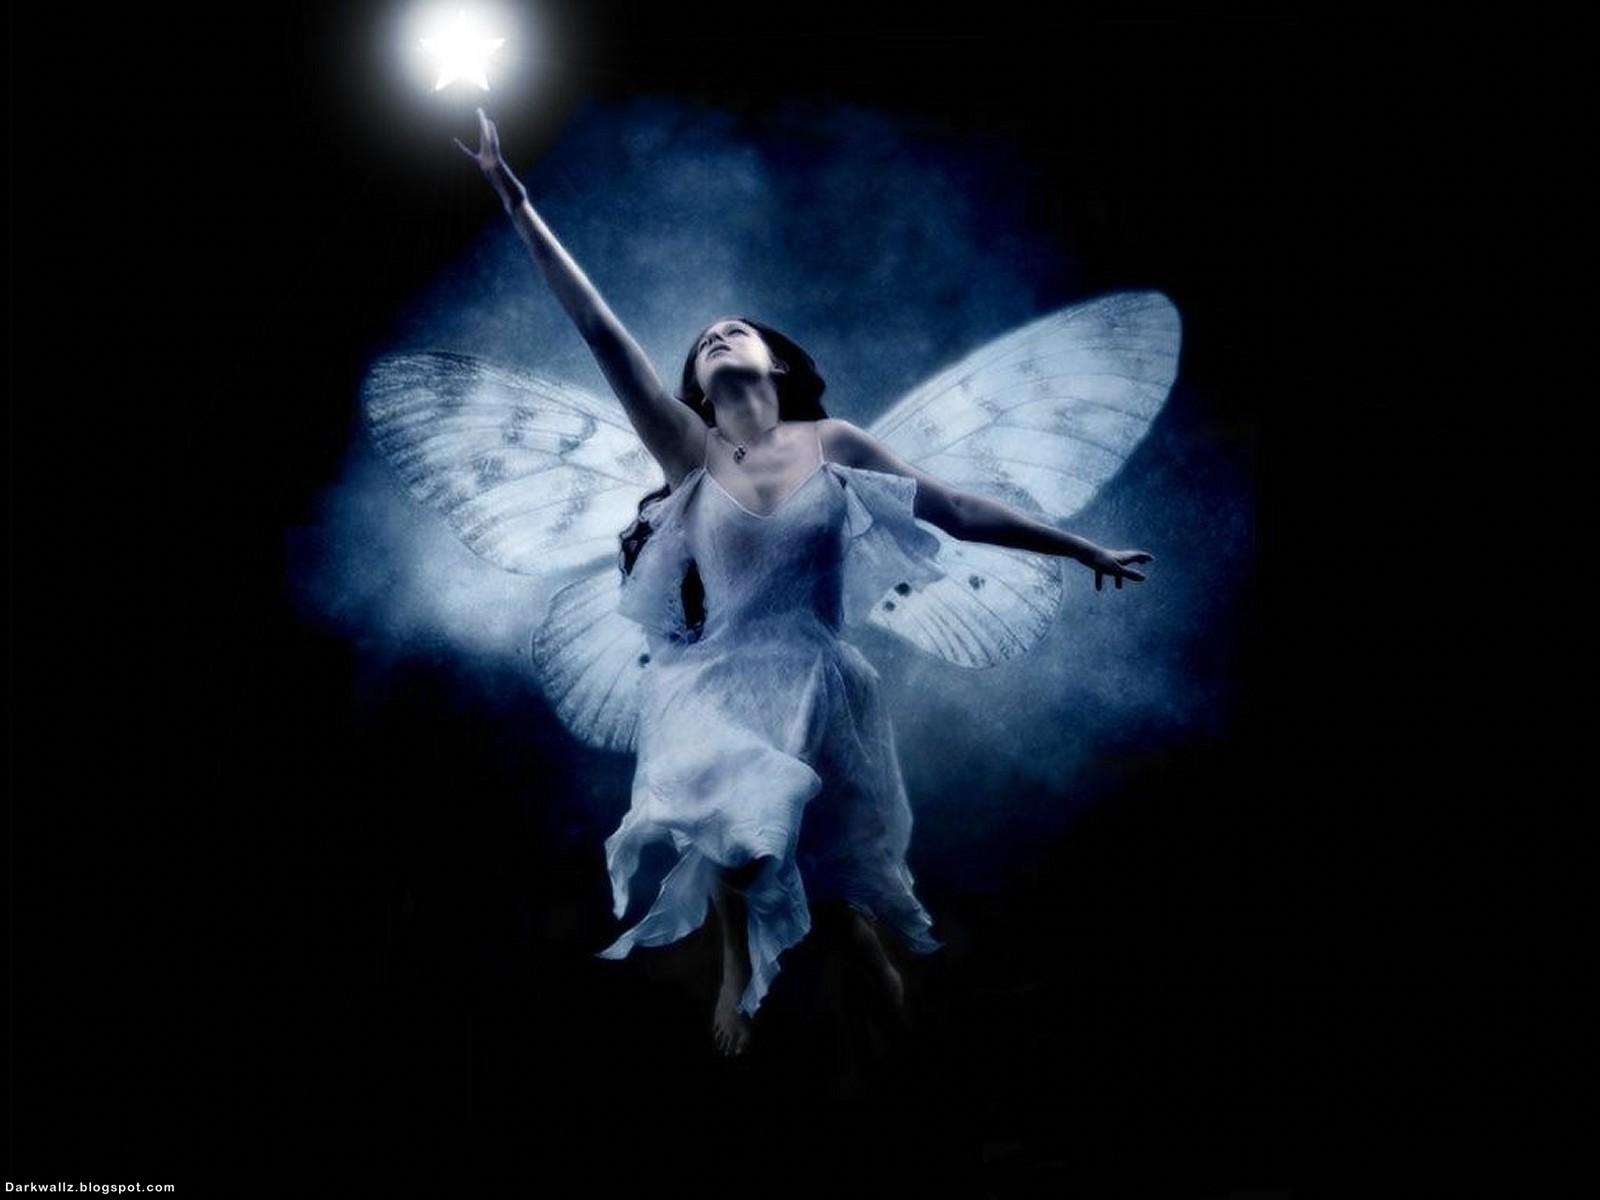 Dark Angel Wallpapers 08 | Dark Wallpaper Download